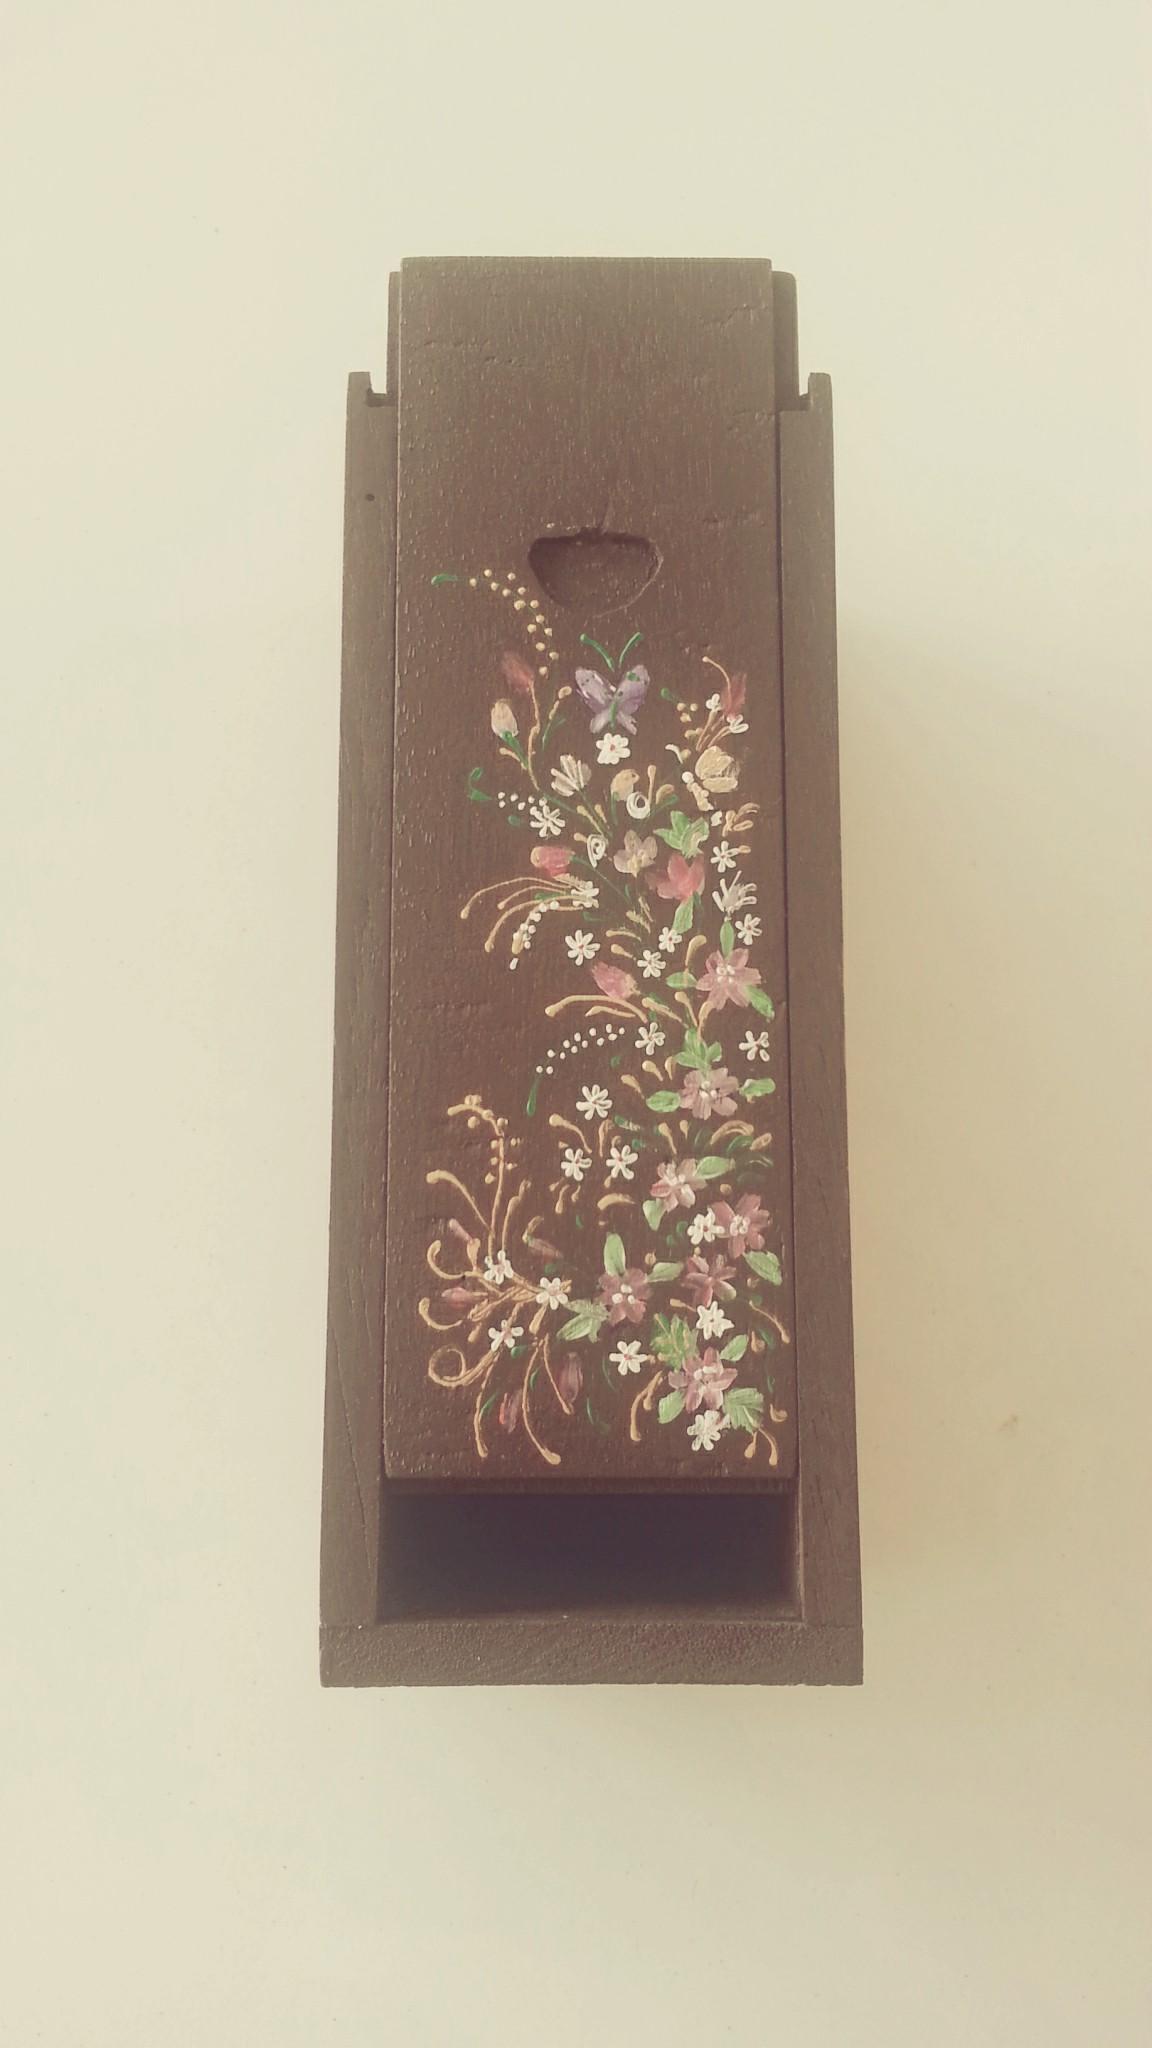 กล่องไม้สยาแดง (เพ้นท์ลายศิลป์)